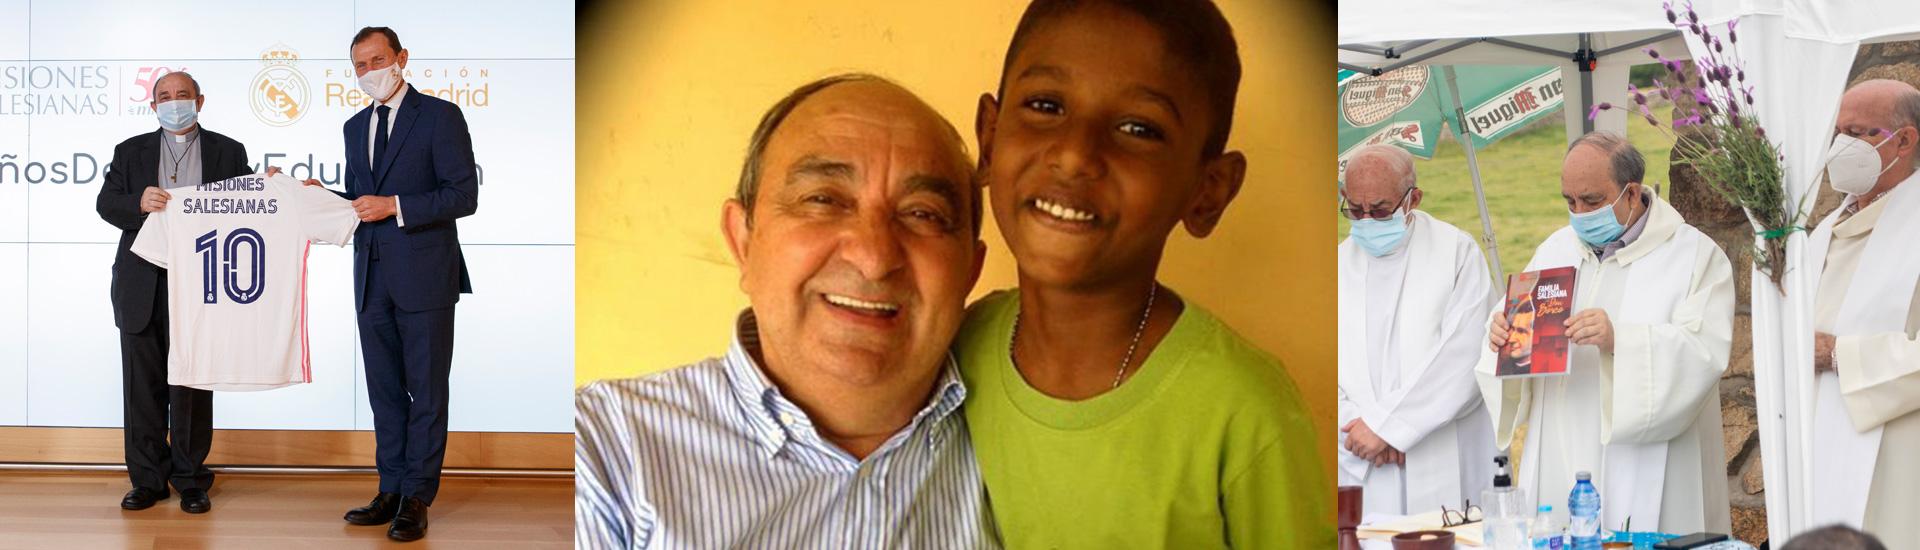 Eusebio Muñoz Ruiz, una vida por y para la Familia Salesiana. ¡Descansa en paz!